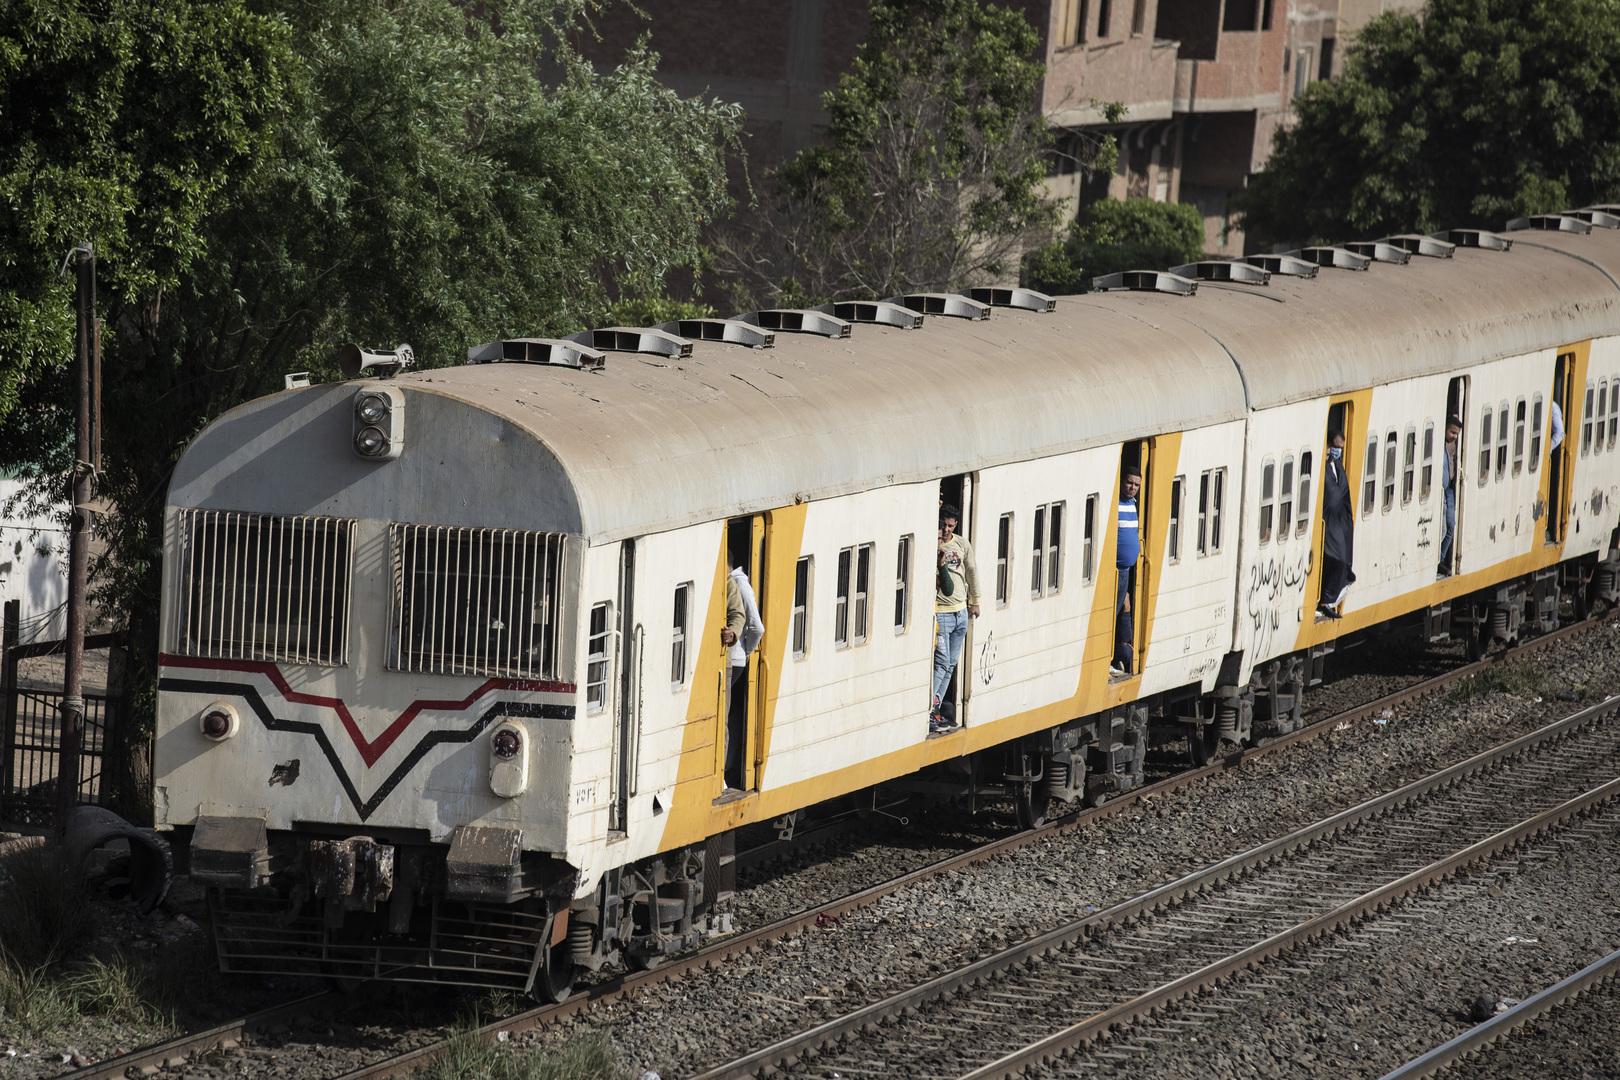 السكك الحديد المصرية: نستعد لاستلام دفعة جديدة من القطارات الإسبانية